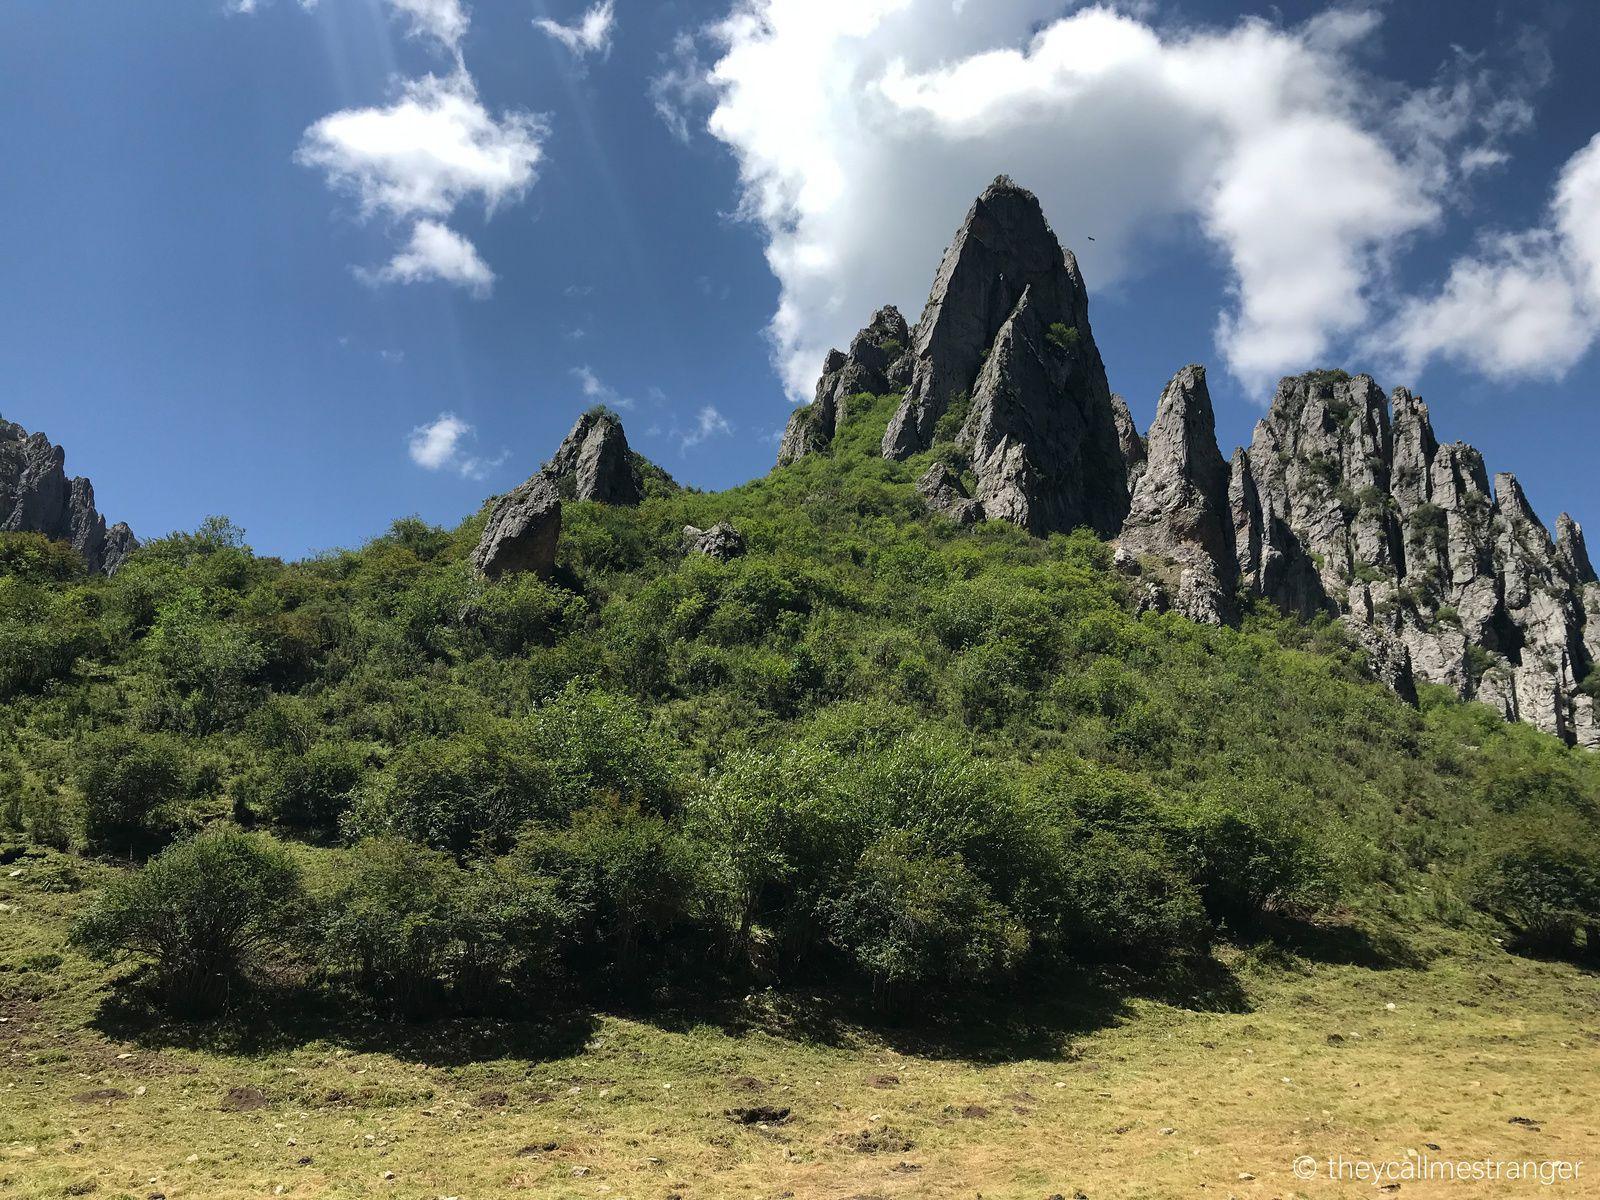 Randonnée dans les Gorges de Namo 纳摩峡谷, Langmusi 郎木寺